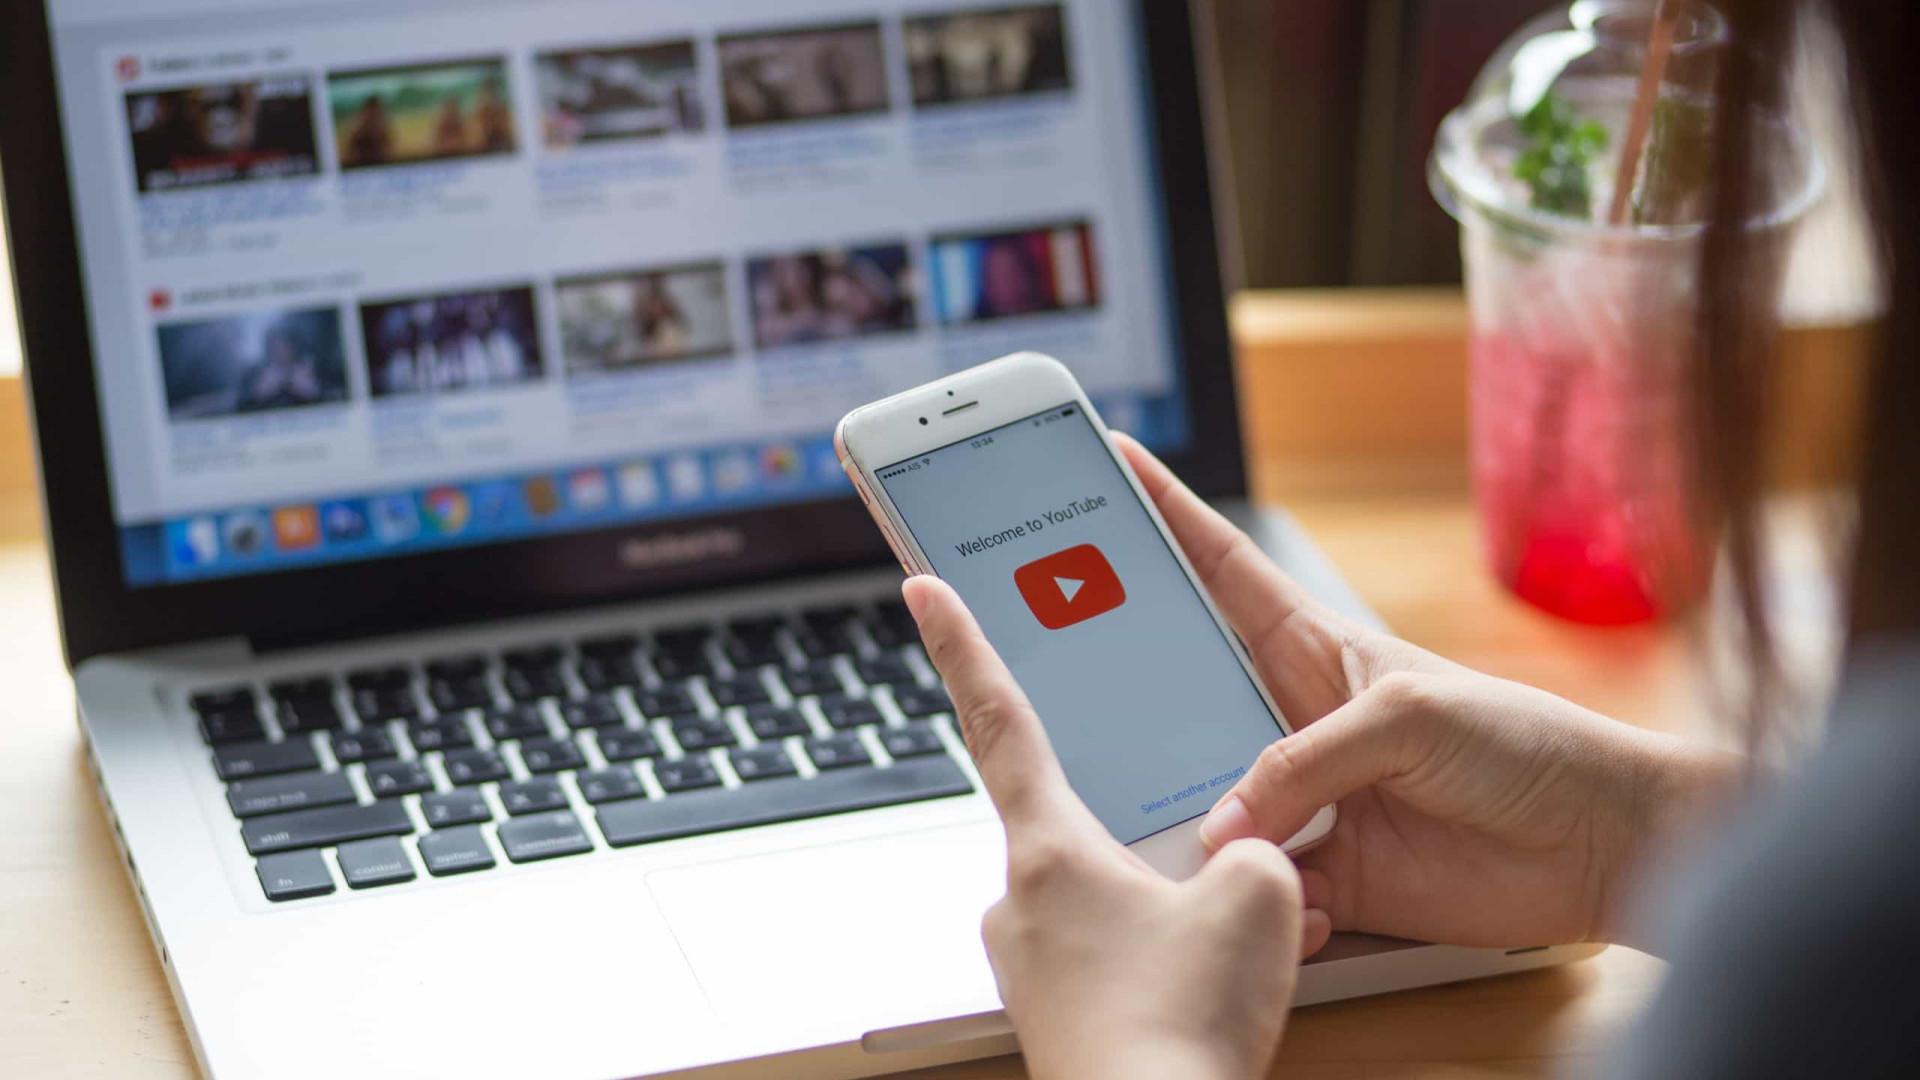 Erro no YouTube permite ver vídeos sem publicidade